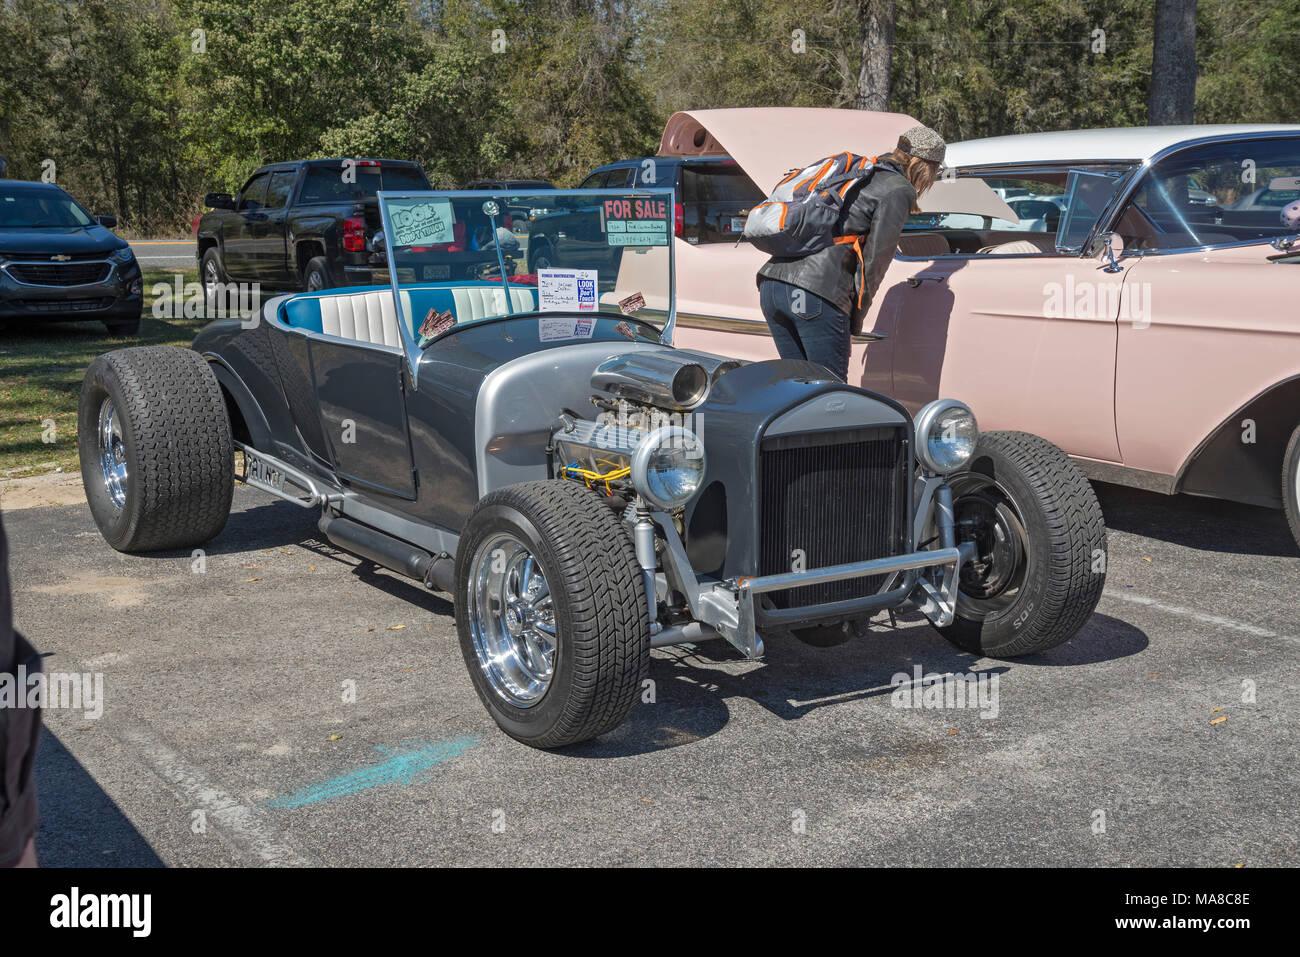 Ford Hot Rod Custom Car Stock Photos & Ford Hot Rod Custom Car Stock ...